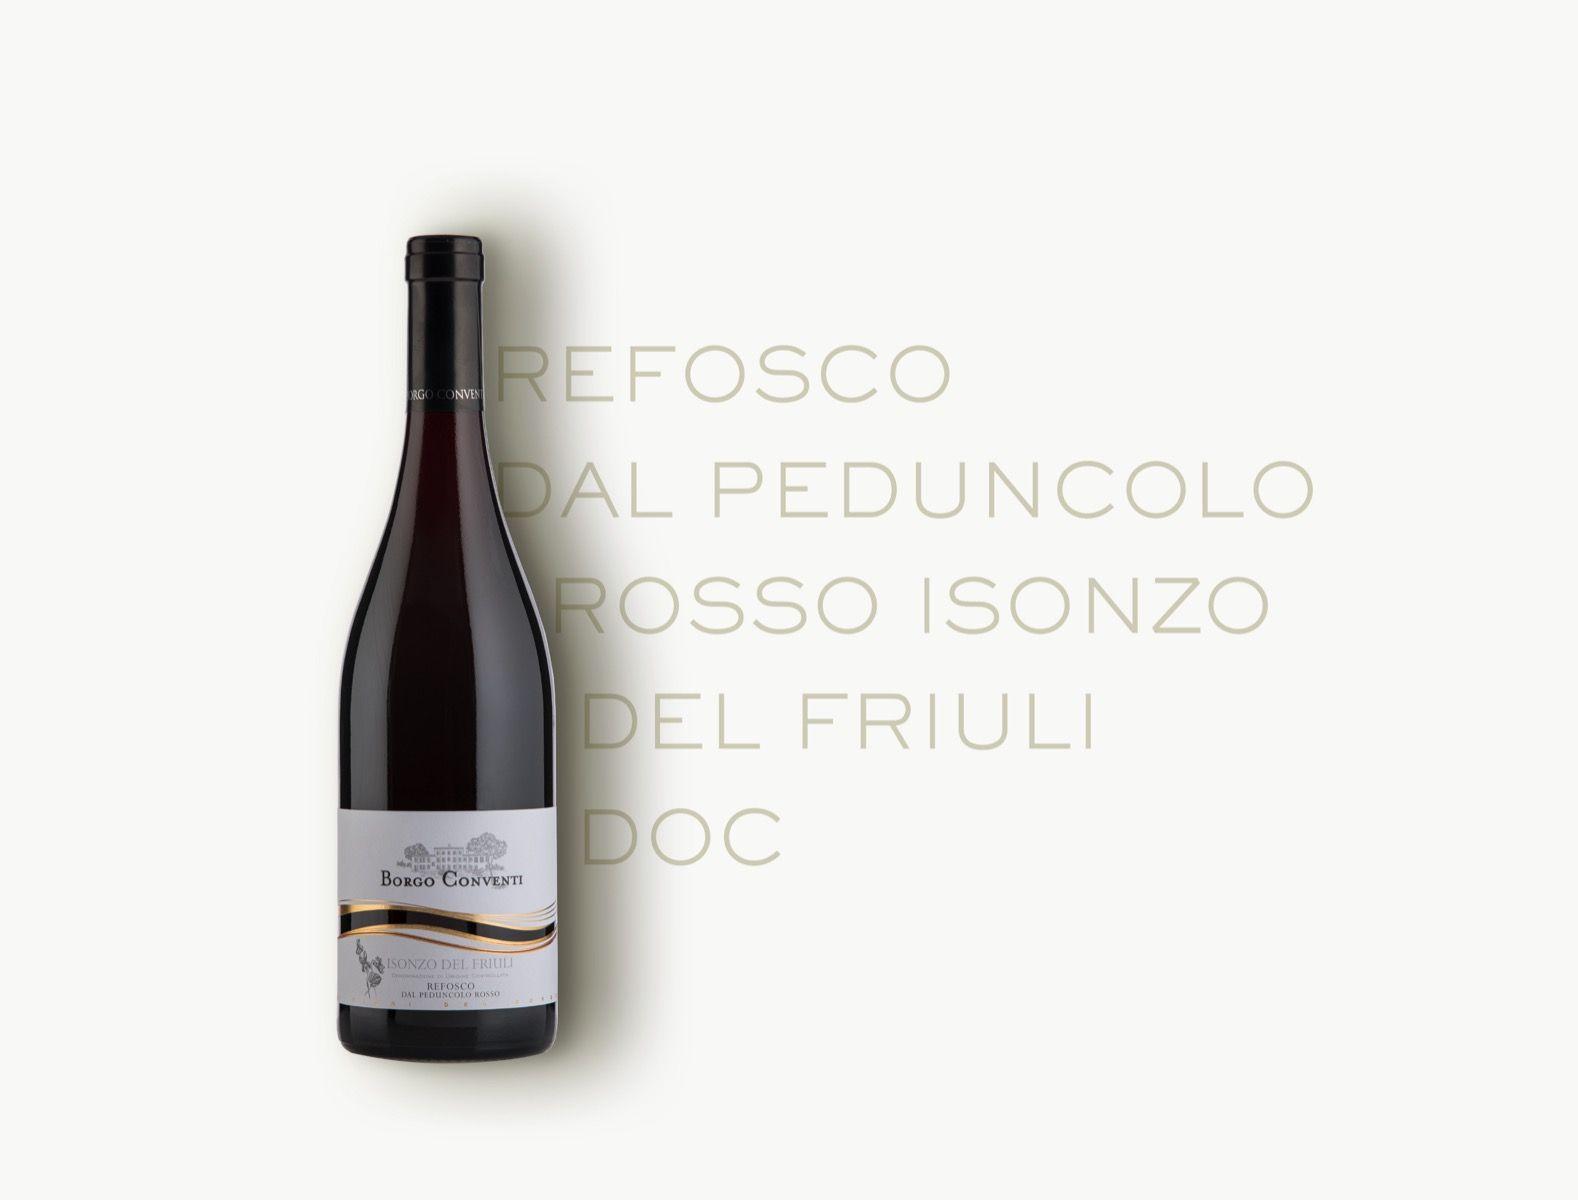 Refosco dal Peduncolo Rosso Isonzo del Friuli DOC